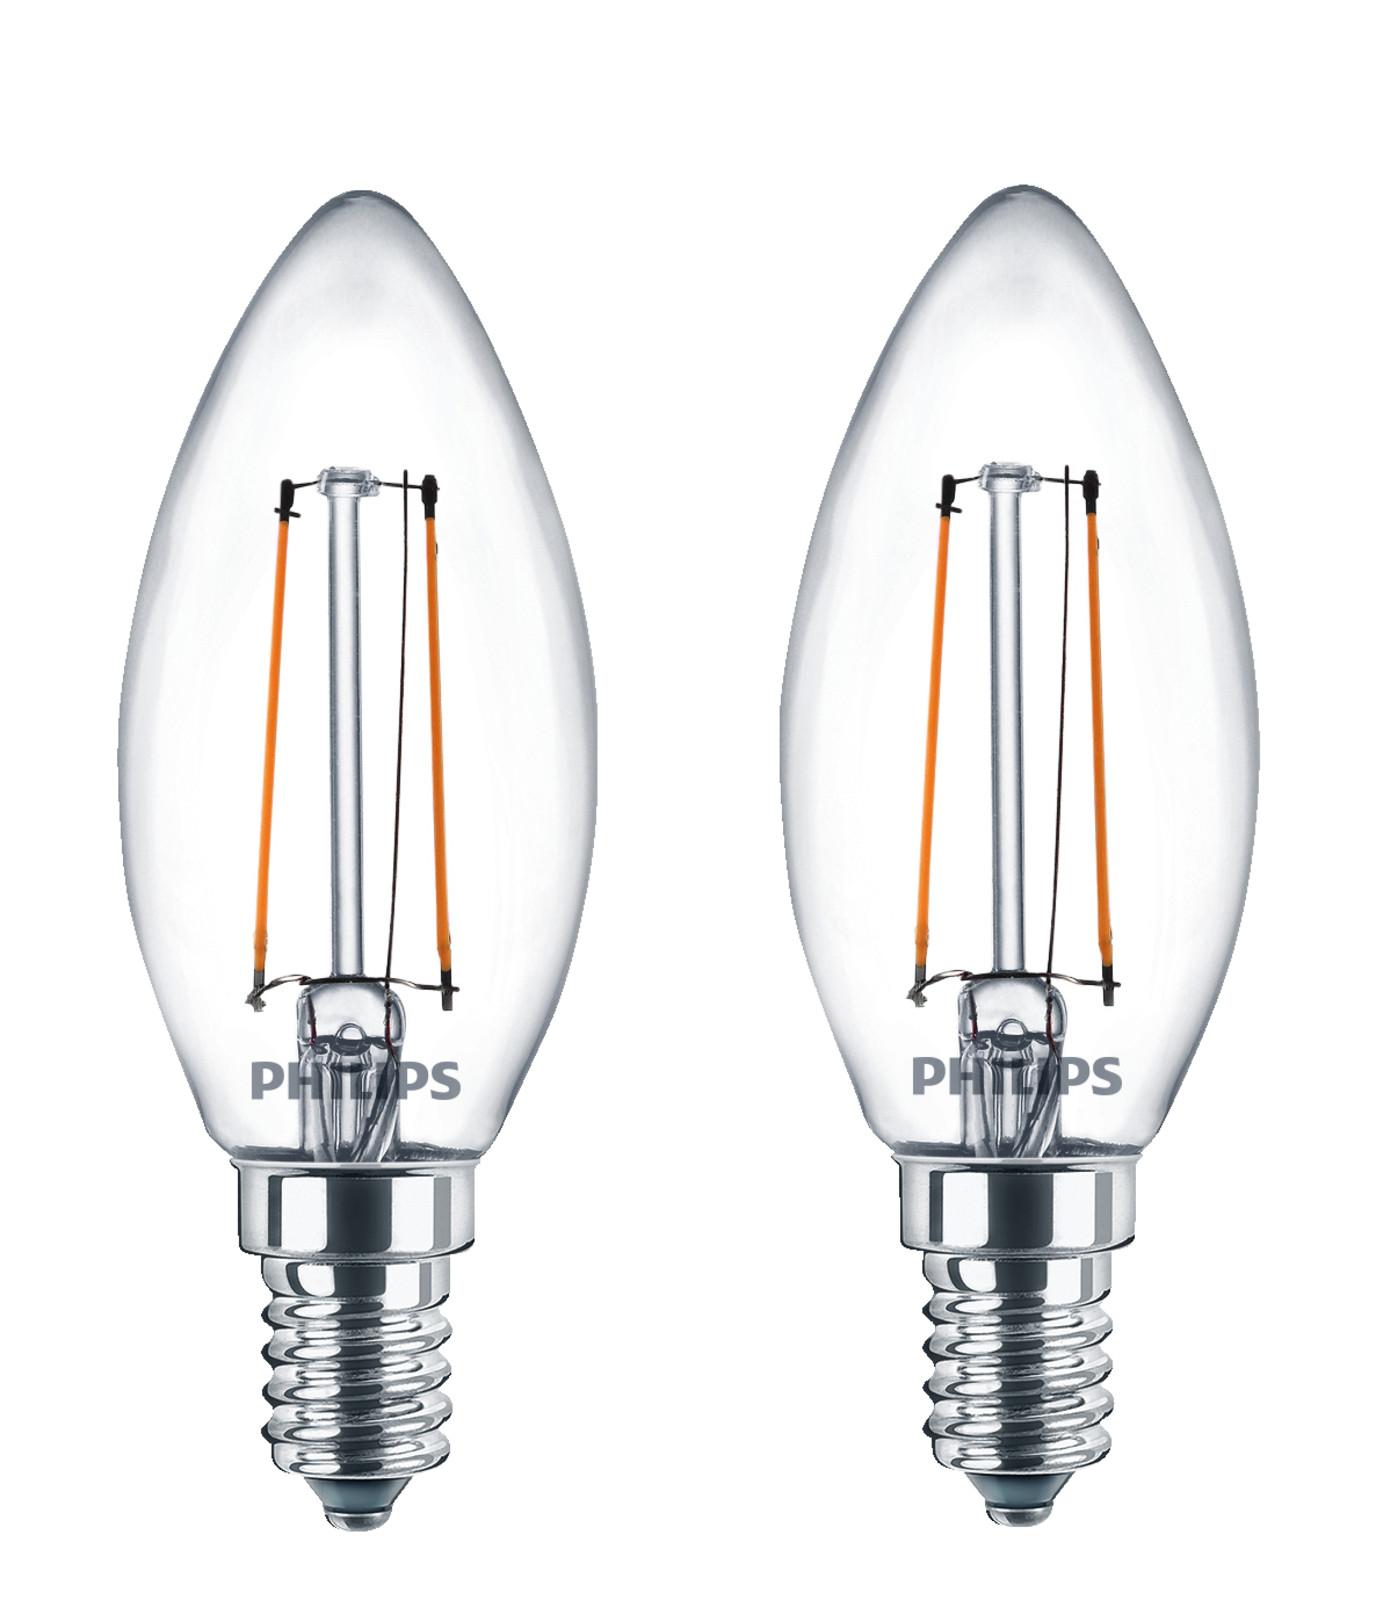 ebay_1600_1600_jpeg Erstaunlich Philips Led Leuchtmittel E14 Dekorationen